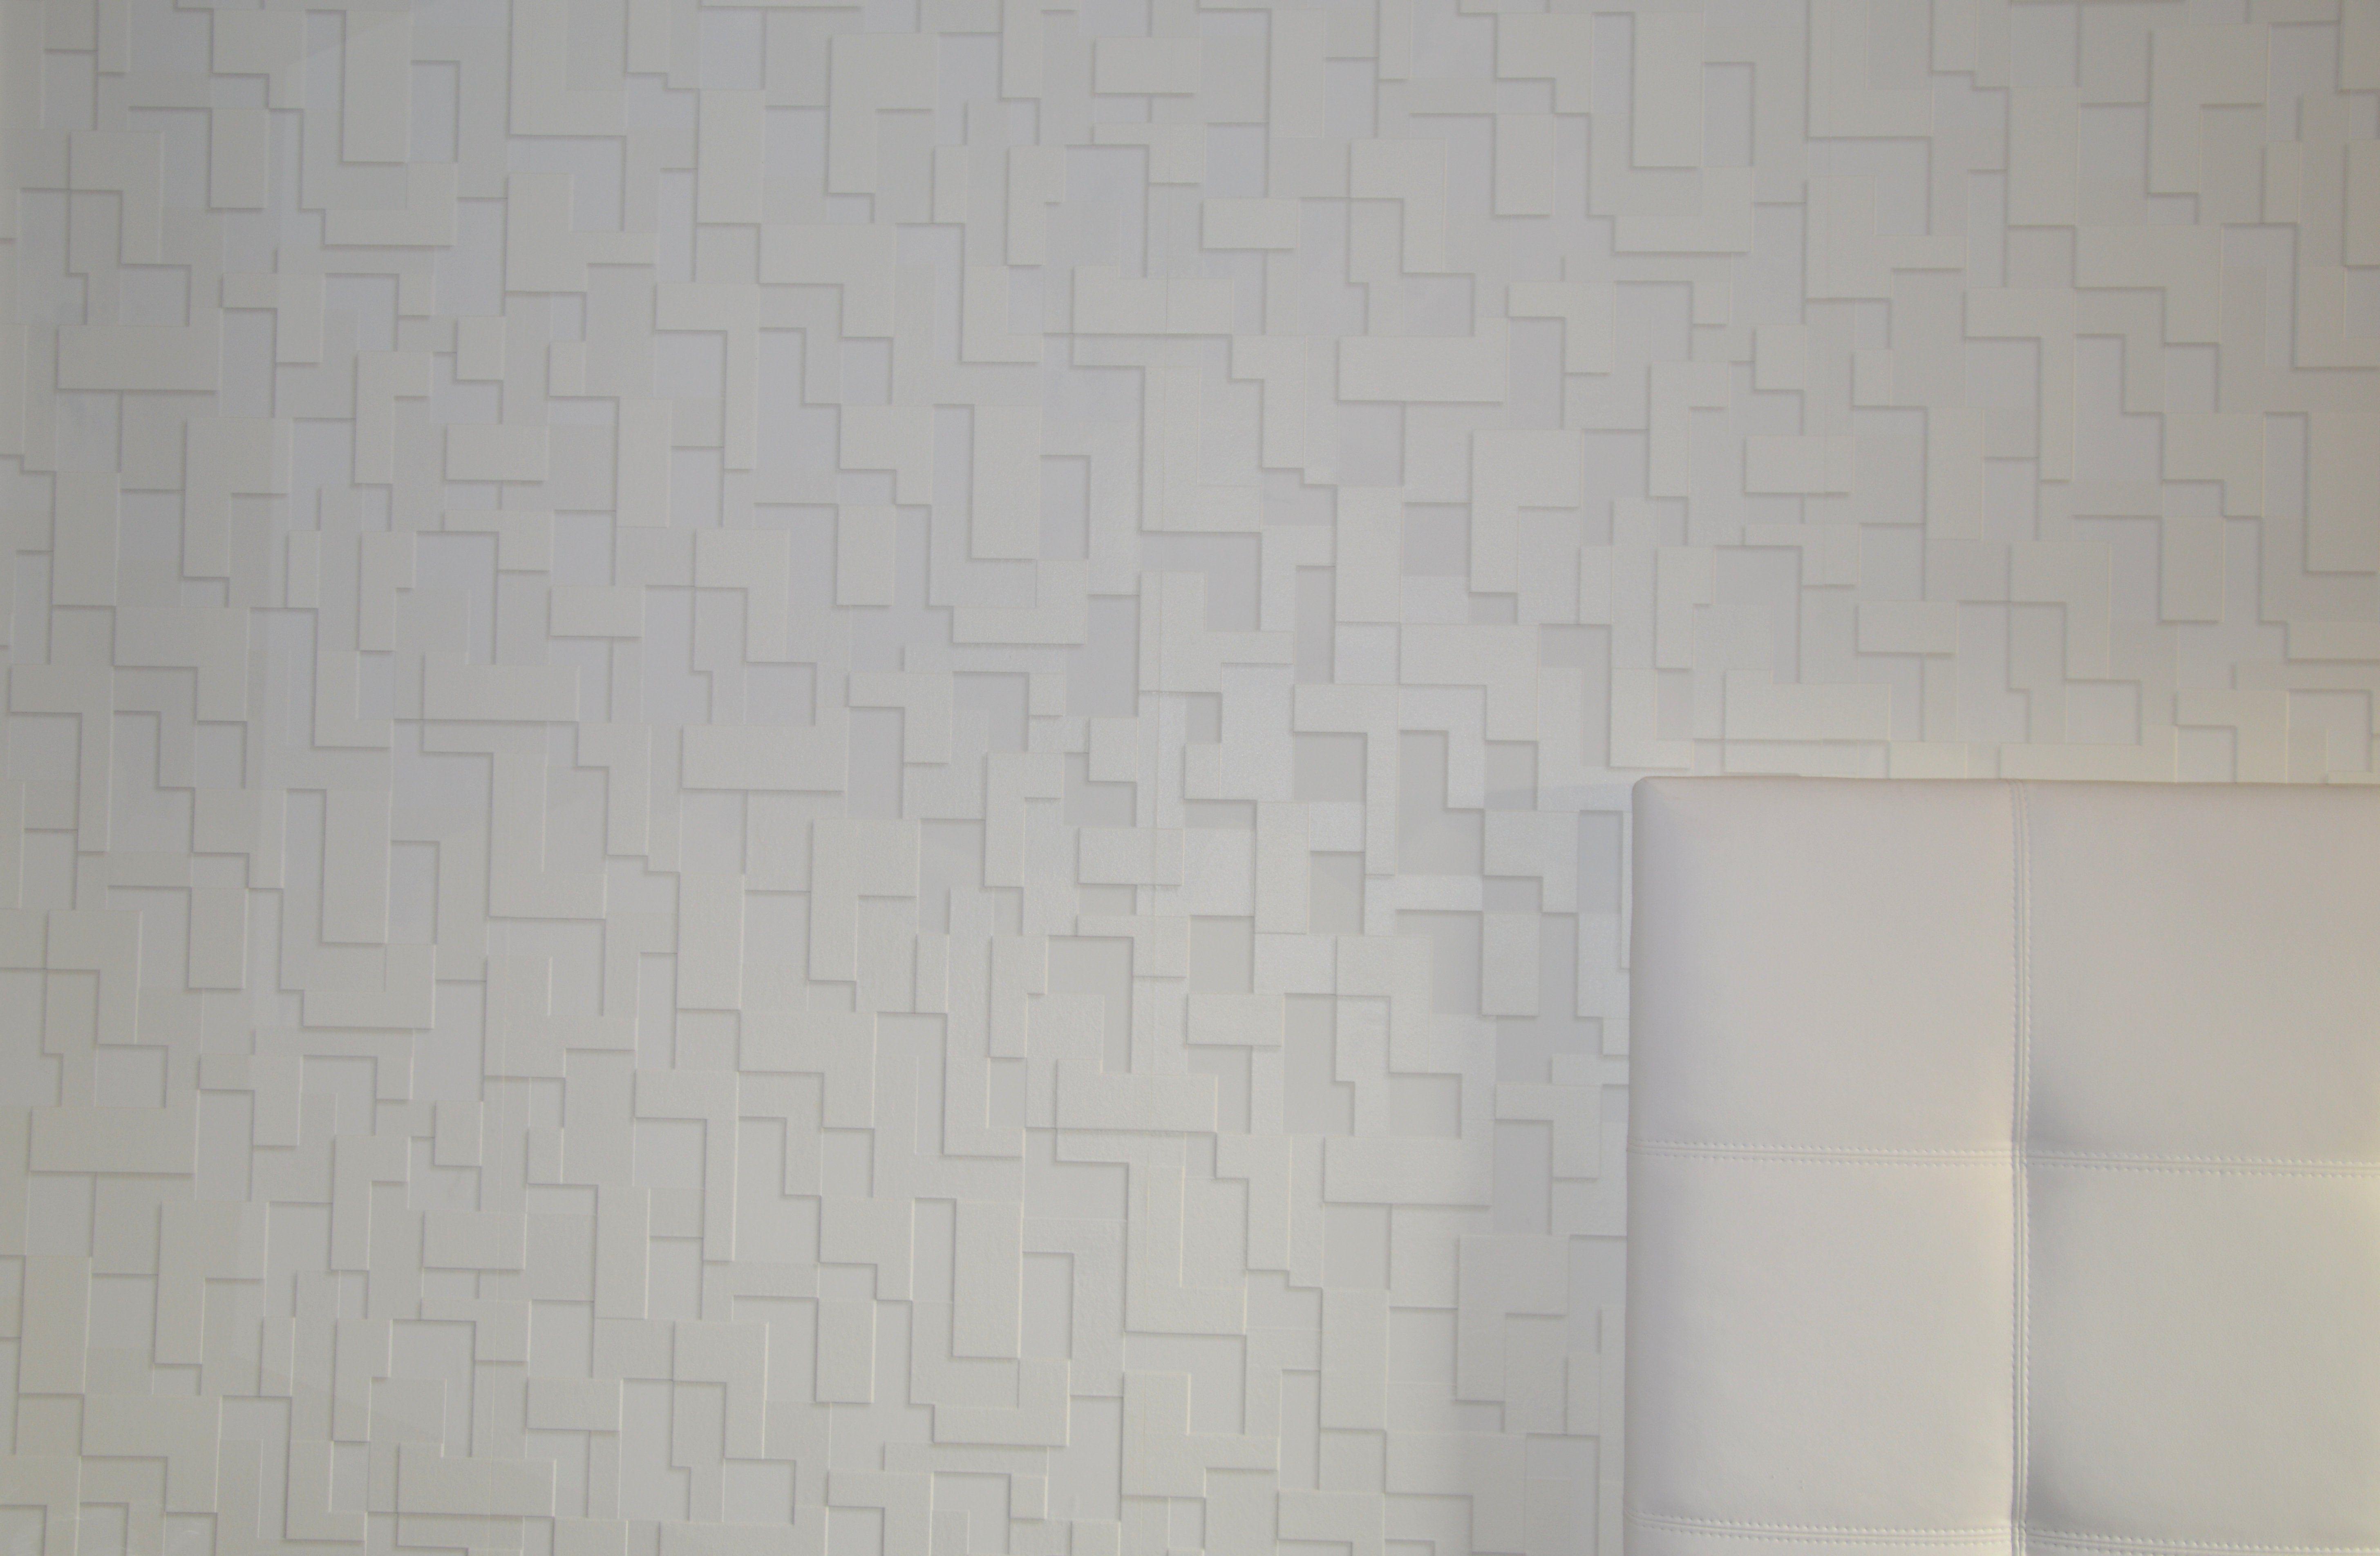 Papel pintado textura ladrillo. Color blanco. Cabecero cama blanco. ¿Y en negro?, ¿Cual es tu color?